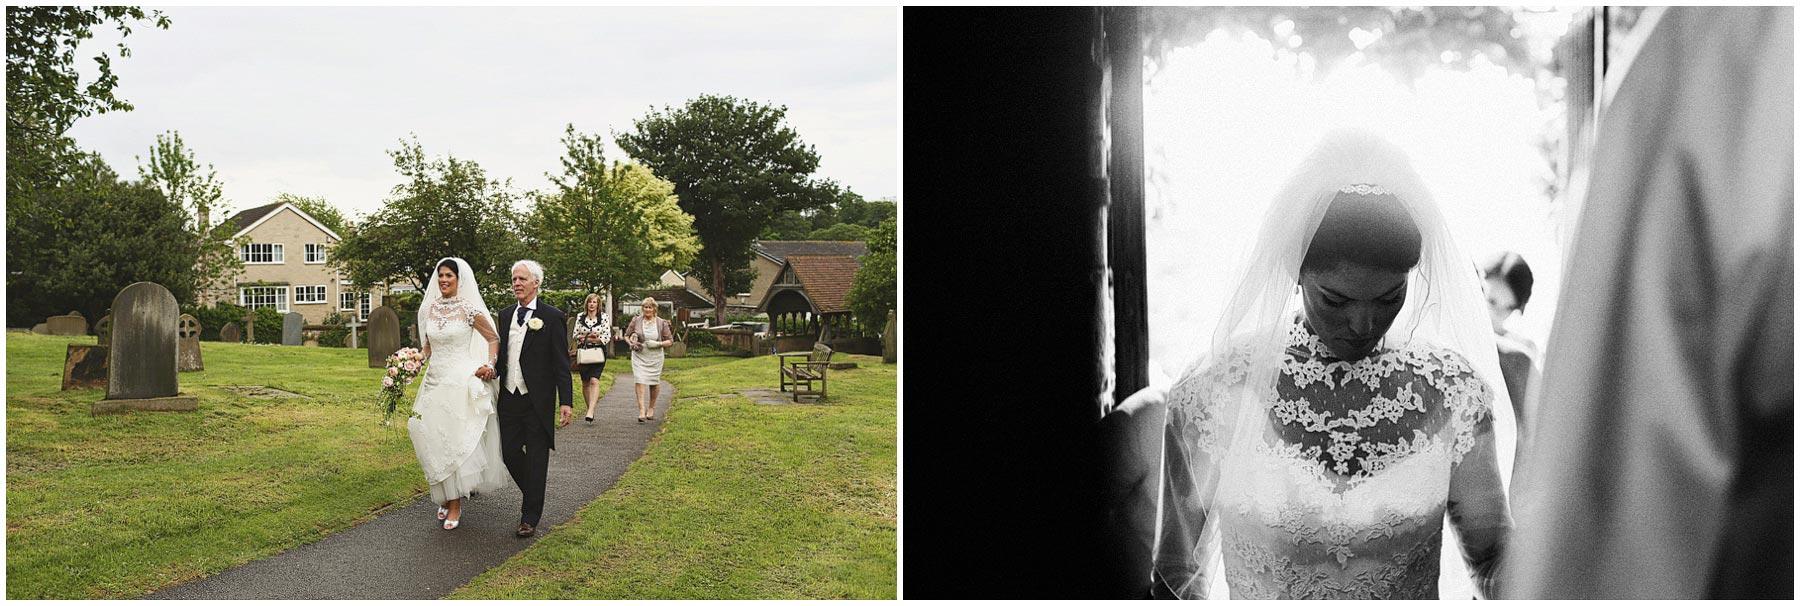 Wentbridge-House-Wedding-Photography-71